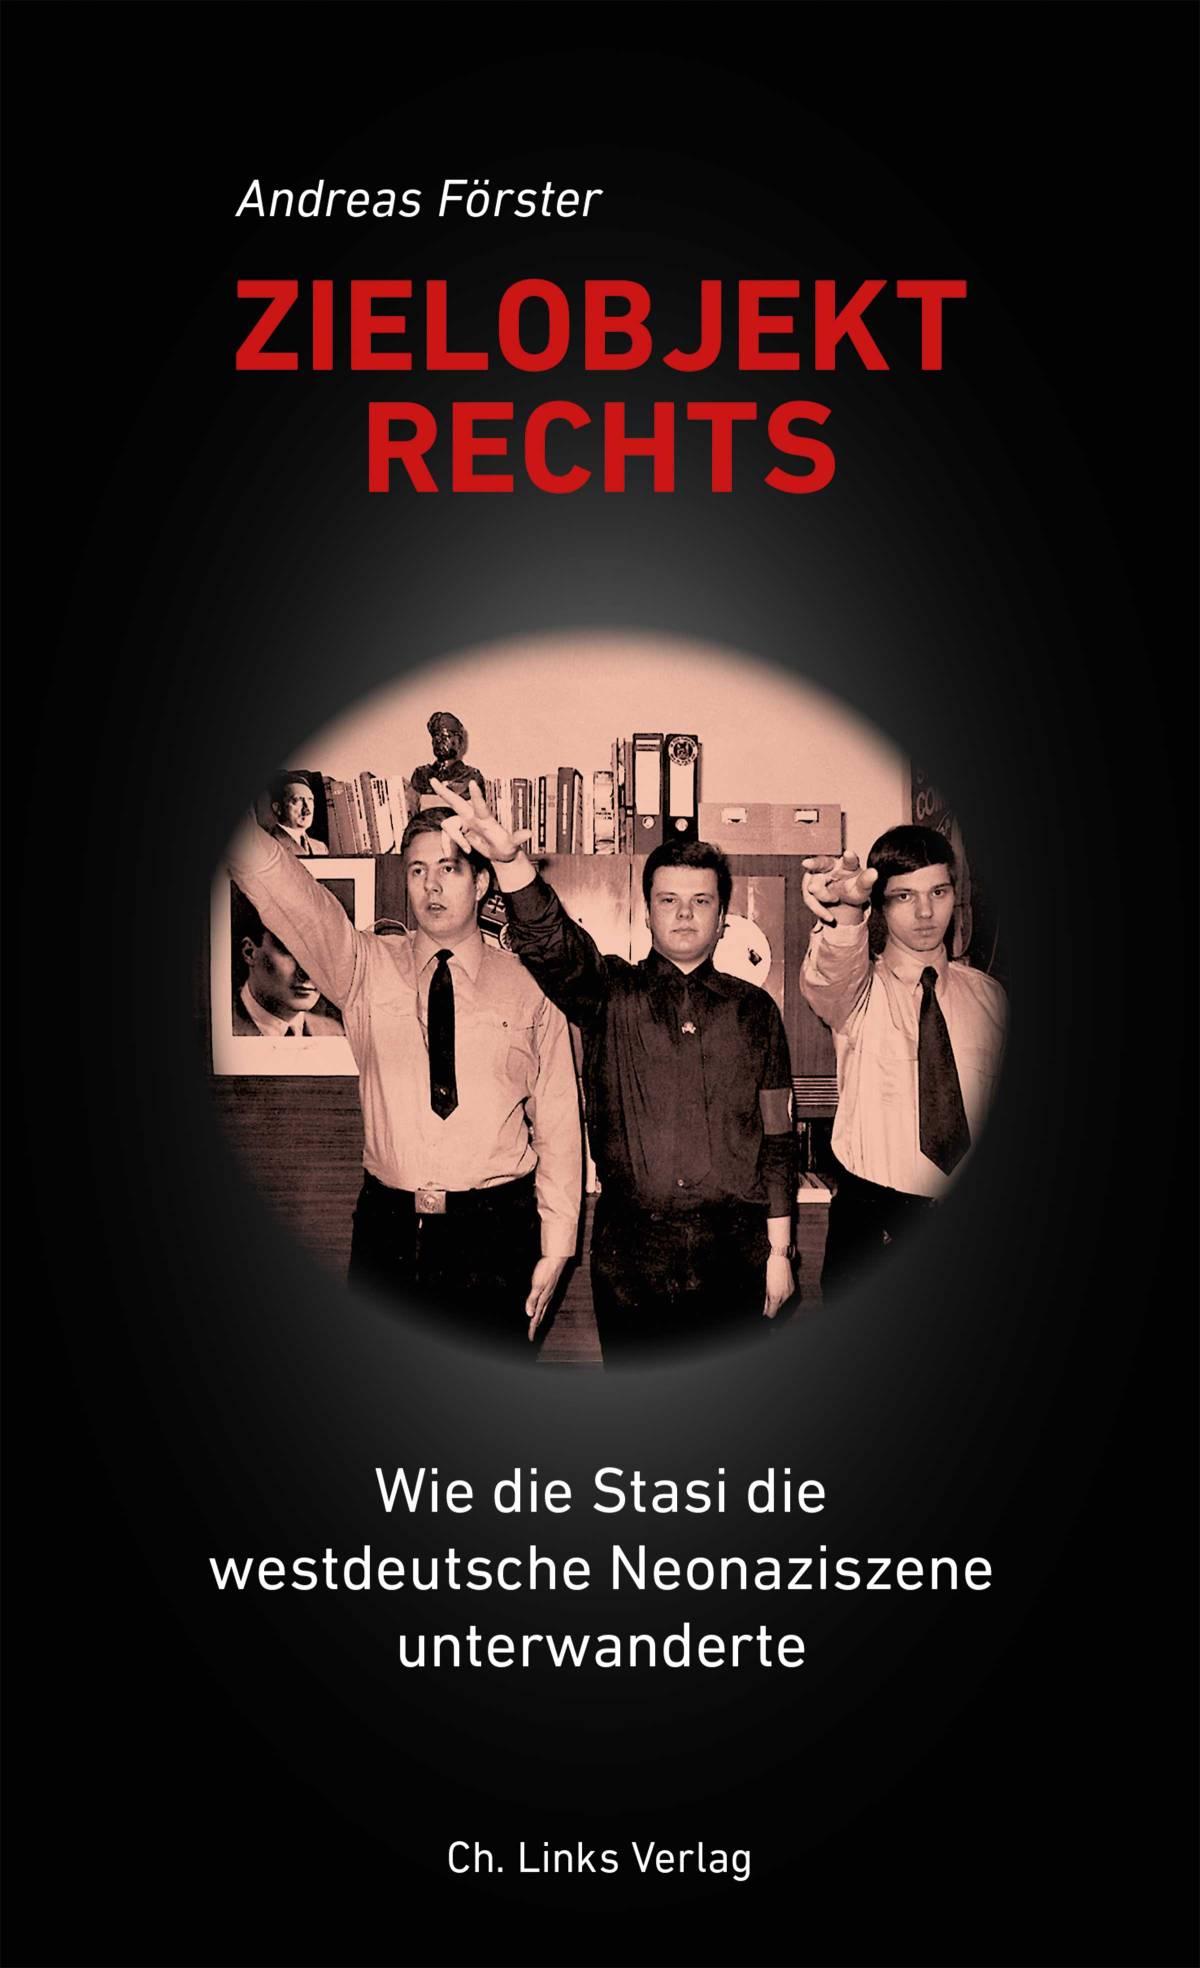 Zielobjekt Rechts: Wie die Stasi die westdeutsche Neonaziszeneunterwanderte